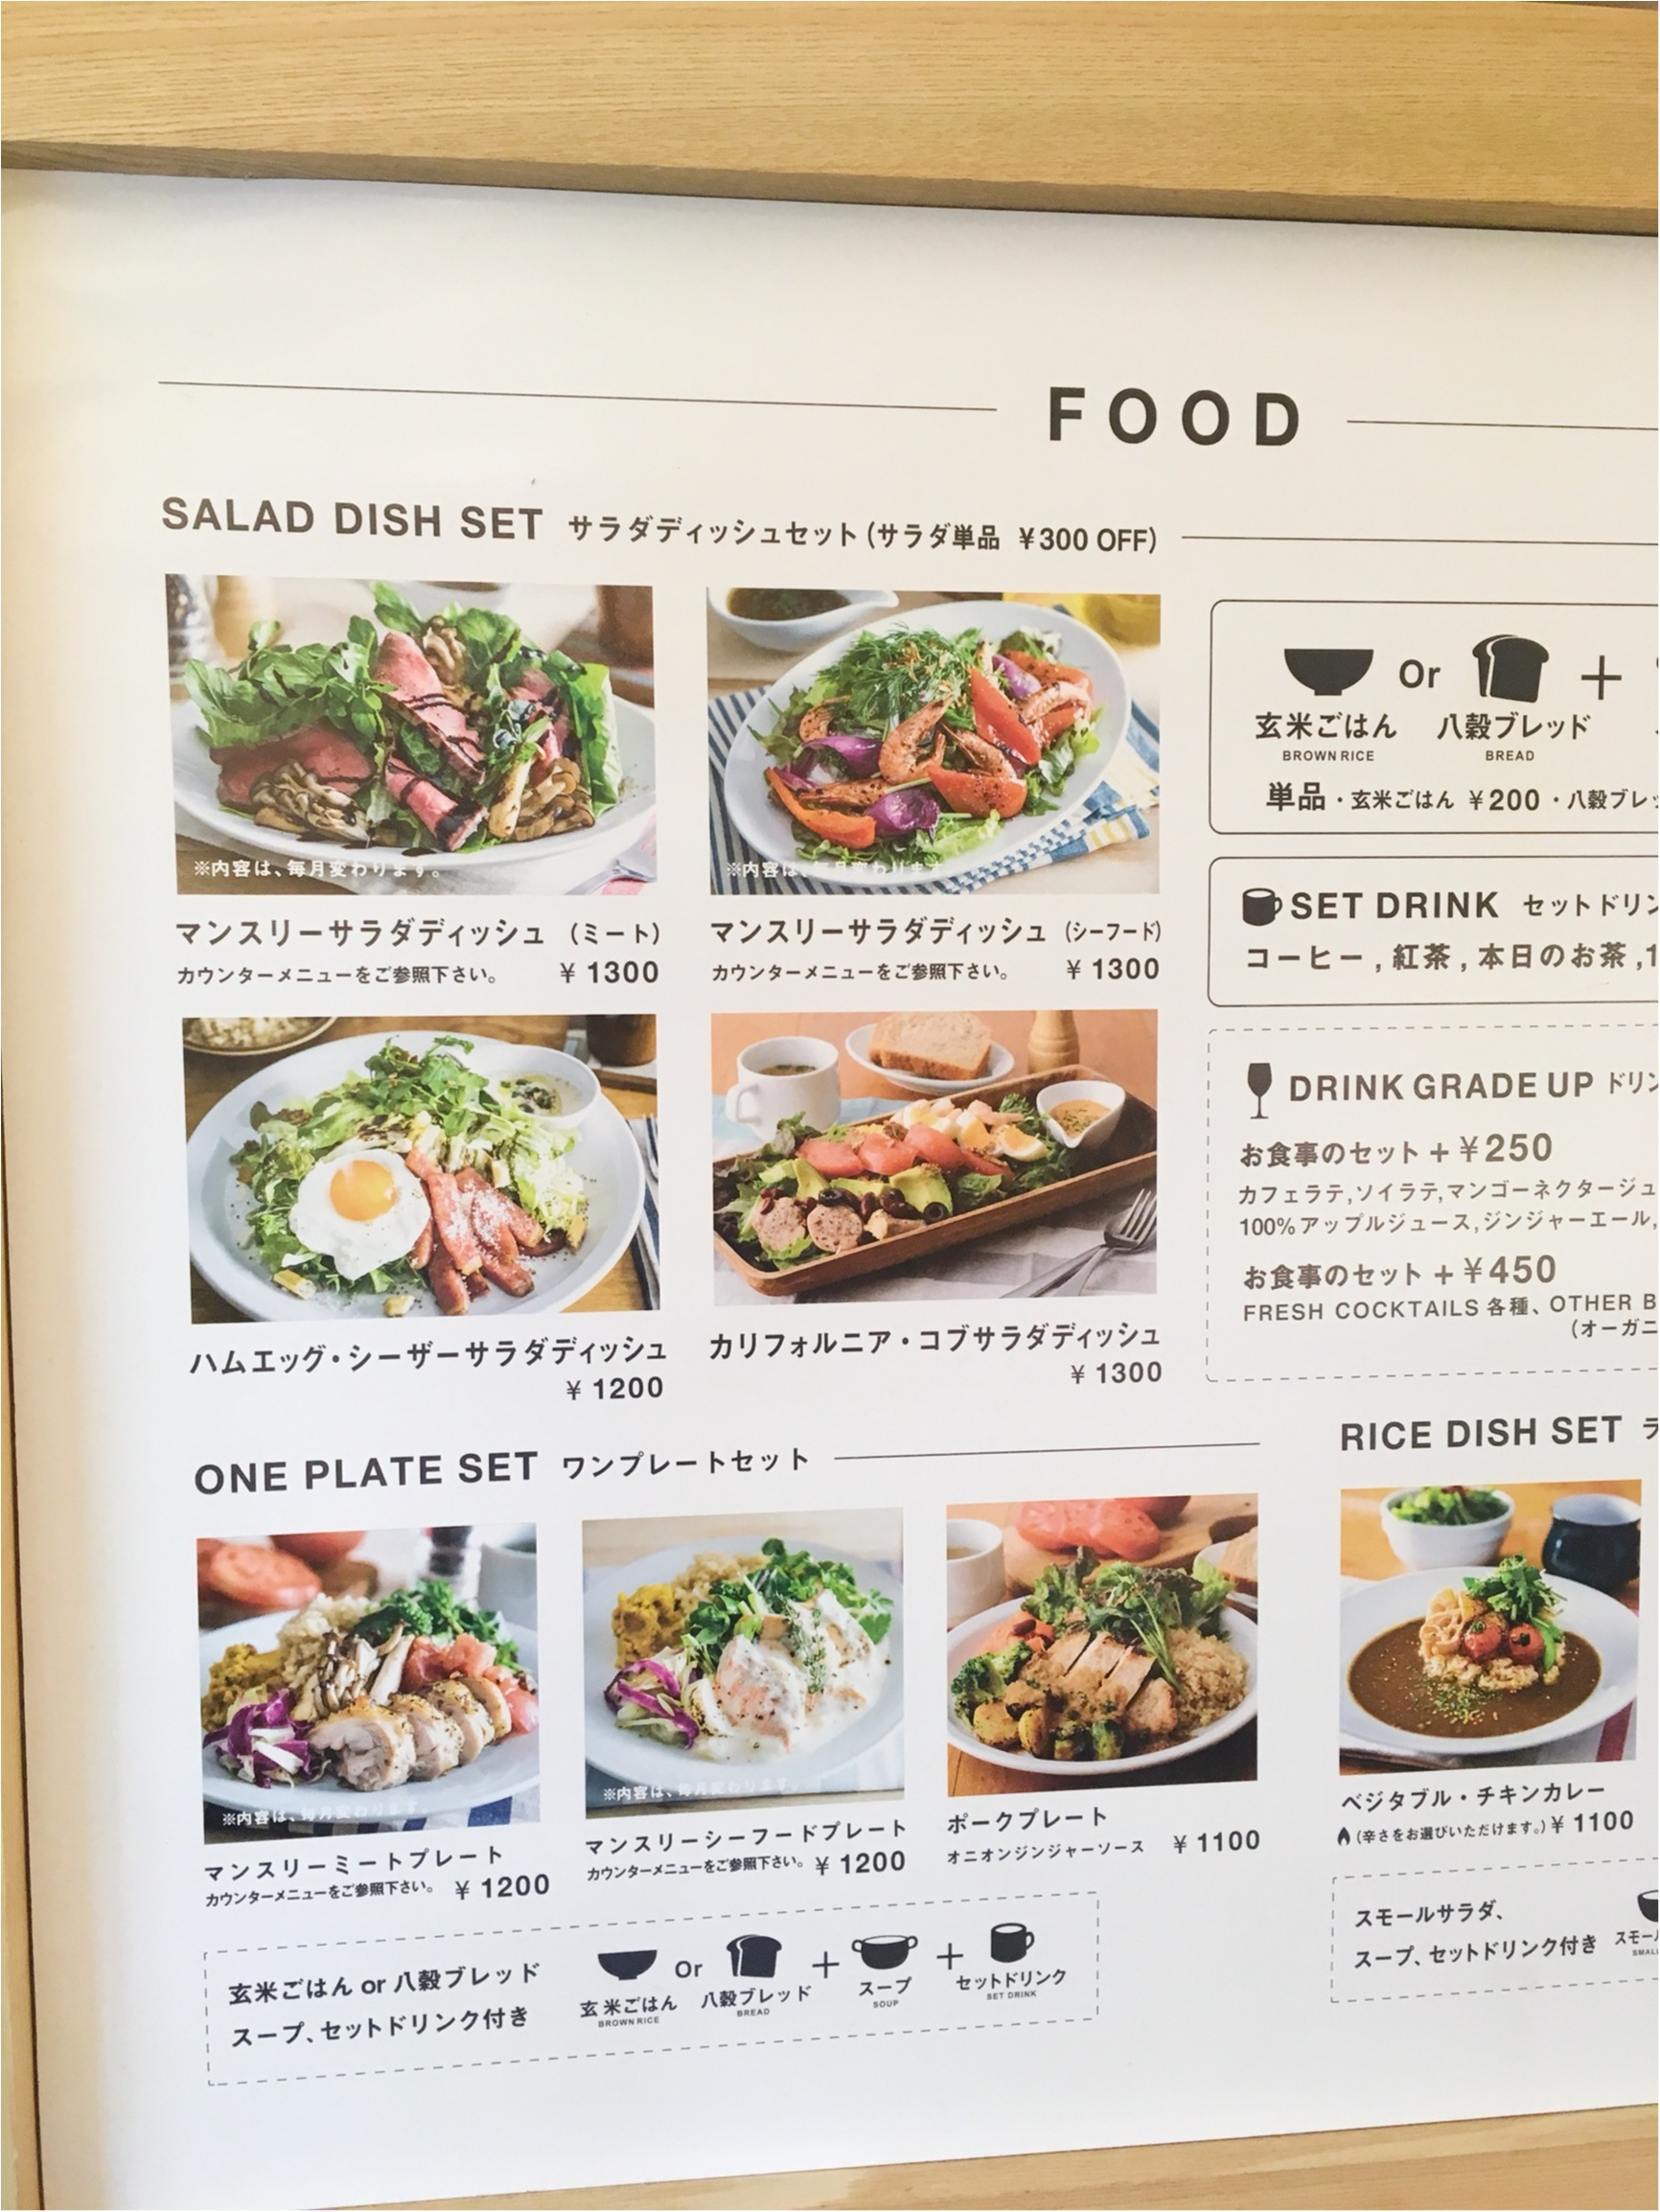 日本橋deもりもりサラダランチ★外食だけどヘルシーうれしーごはん♡_1